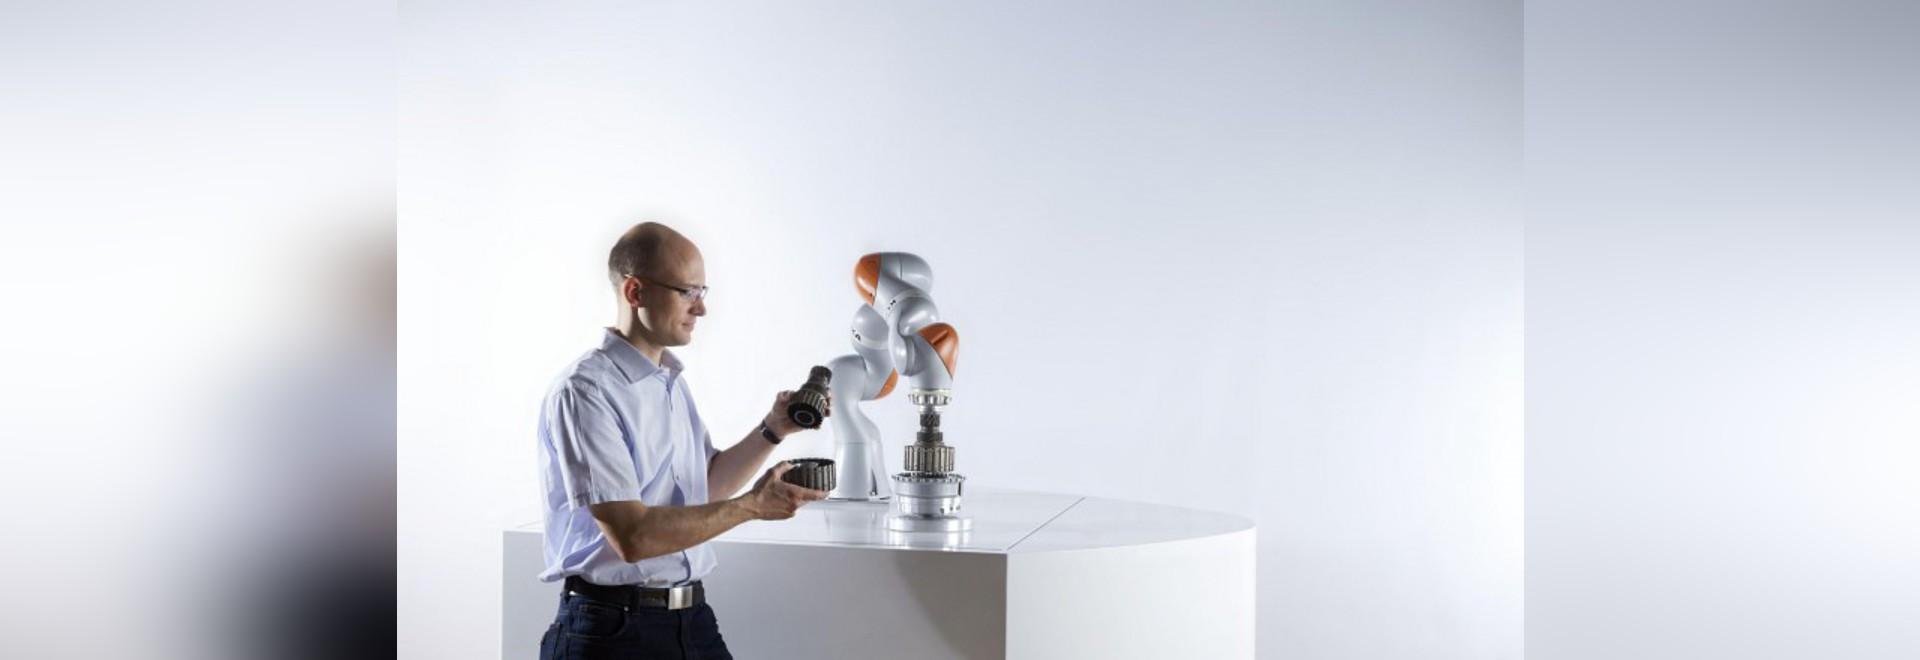 COBOTS: DIE ZUKUNFT DER HUMAN-ROBOT ZUSAMMENARBEIT